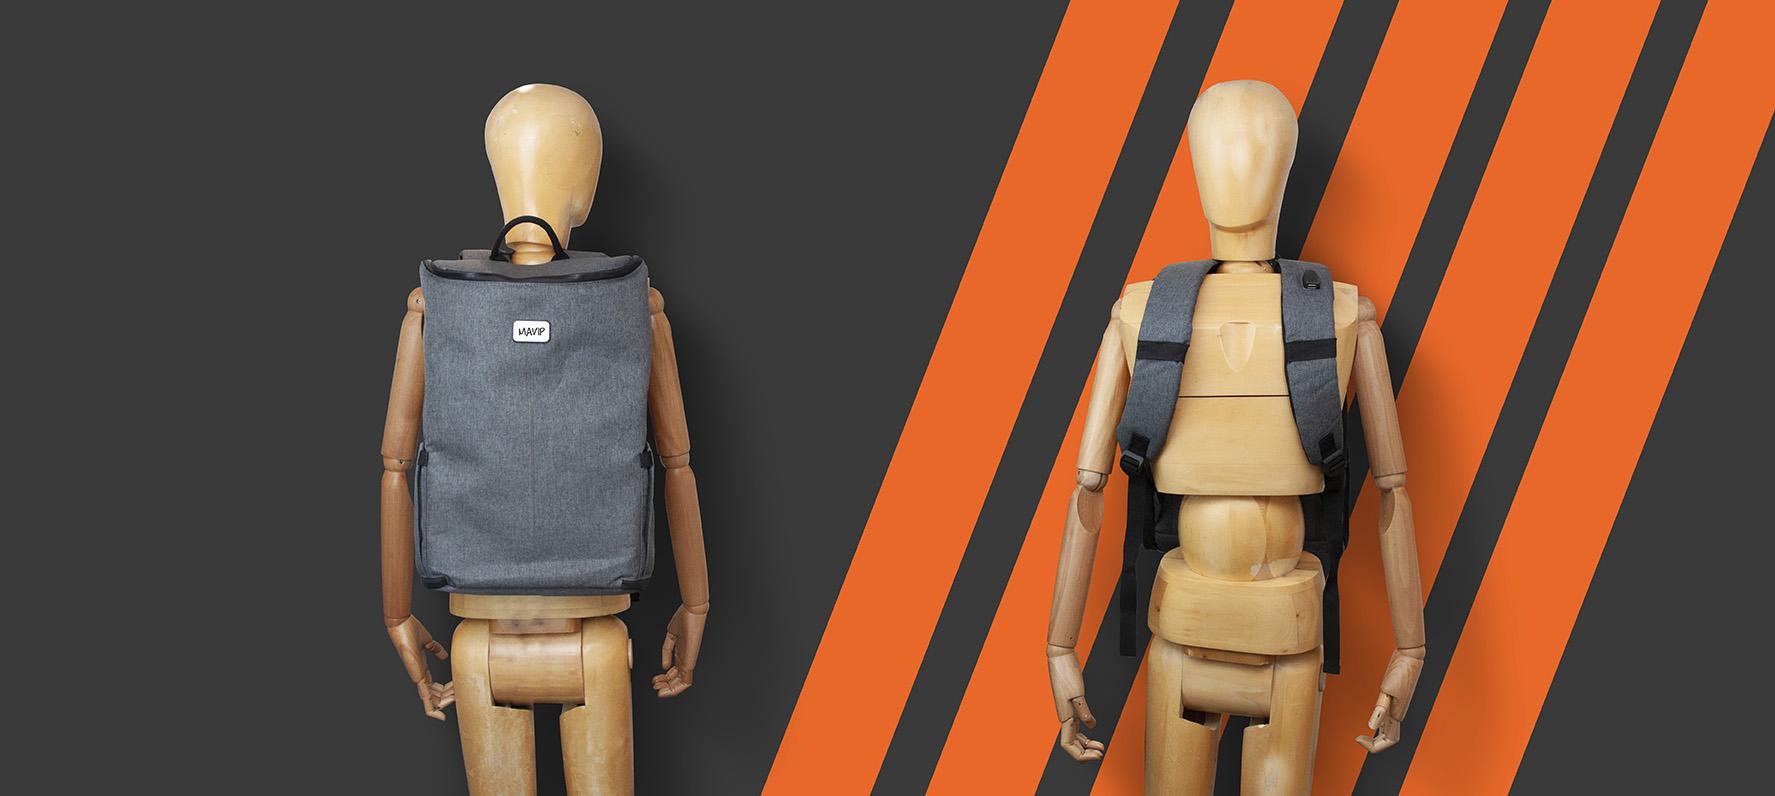 Sac à dos personnalisable avec chargeur intégré